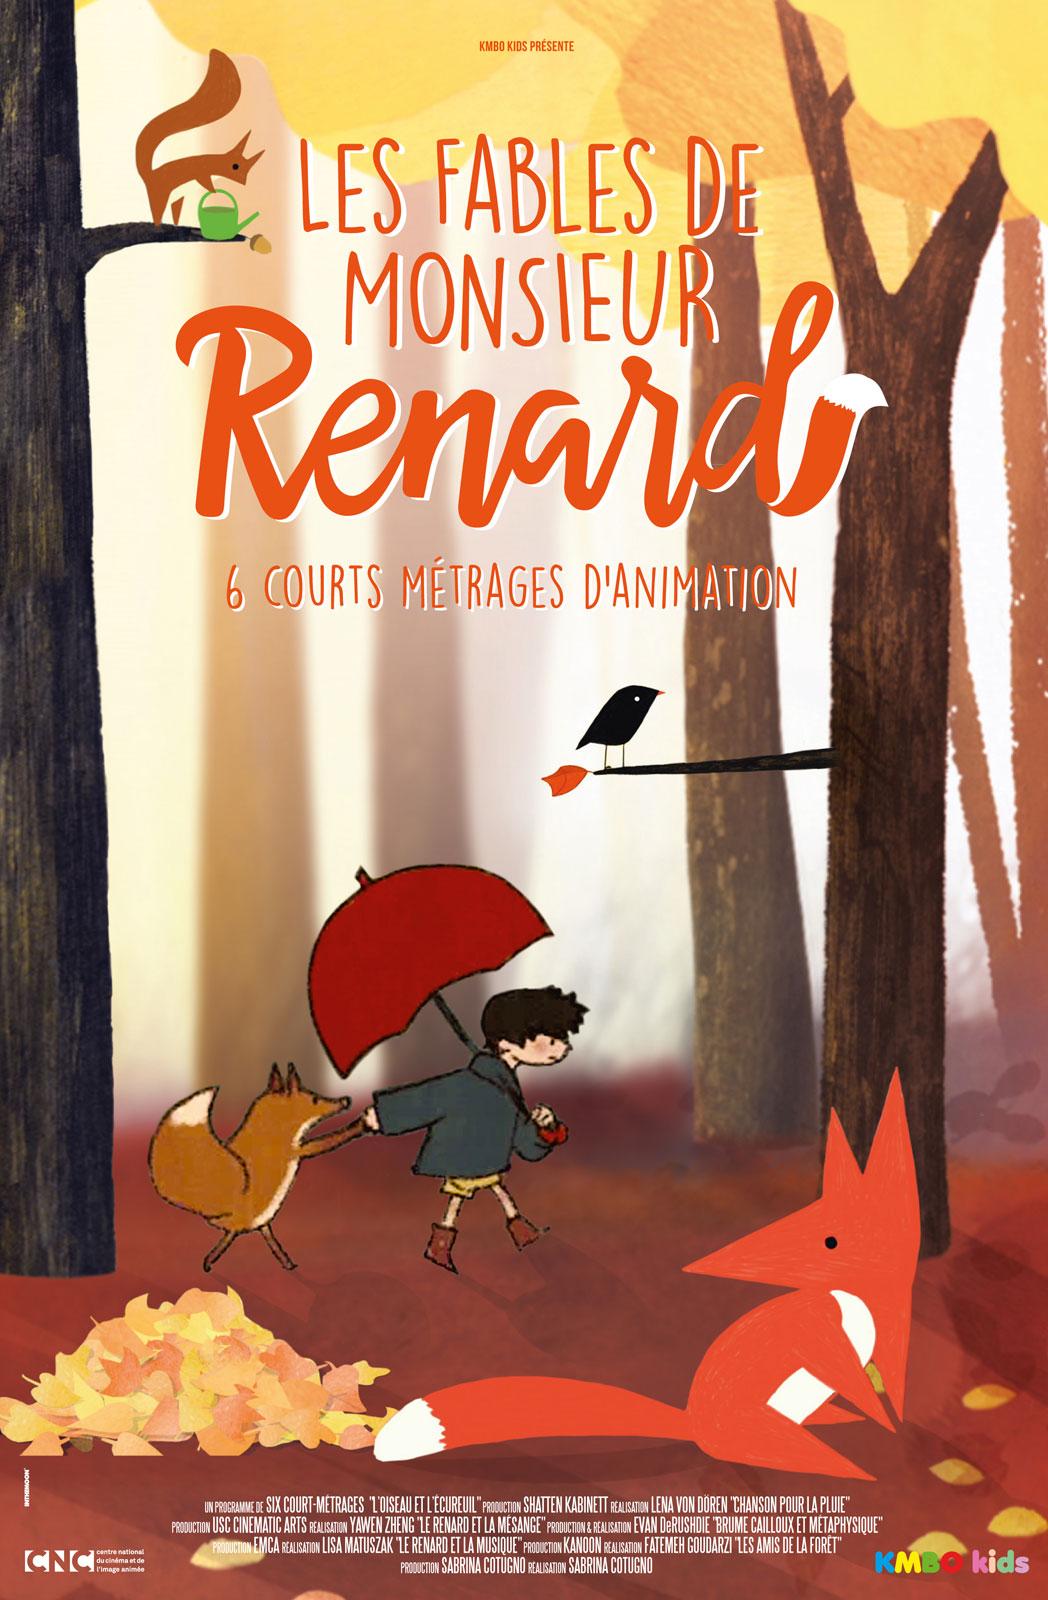 Les Fables de Monsieur Renard